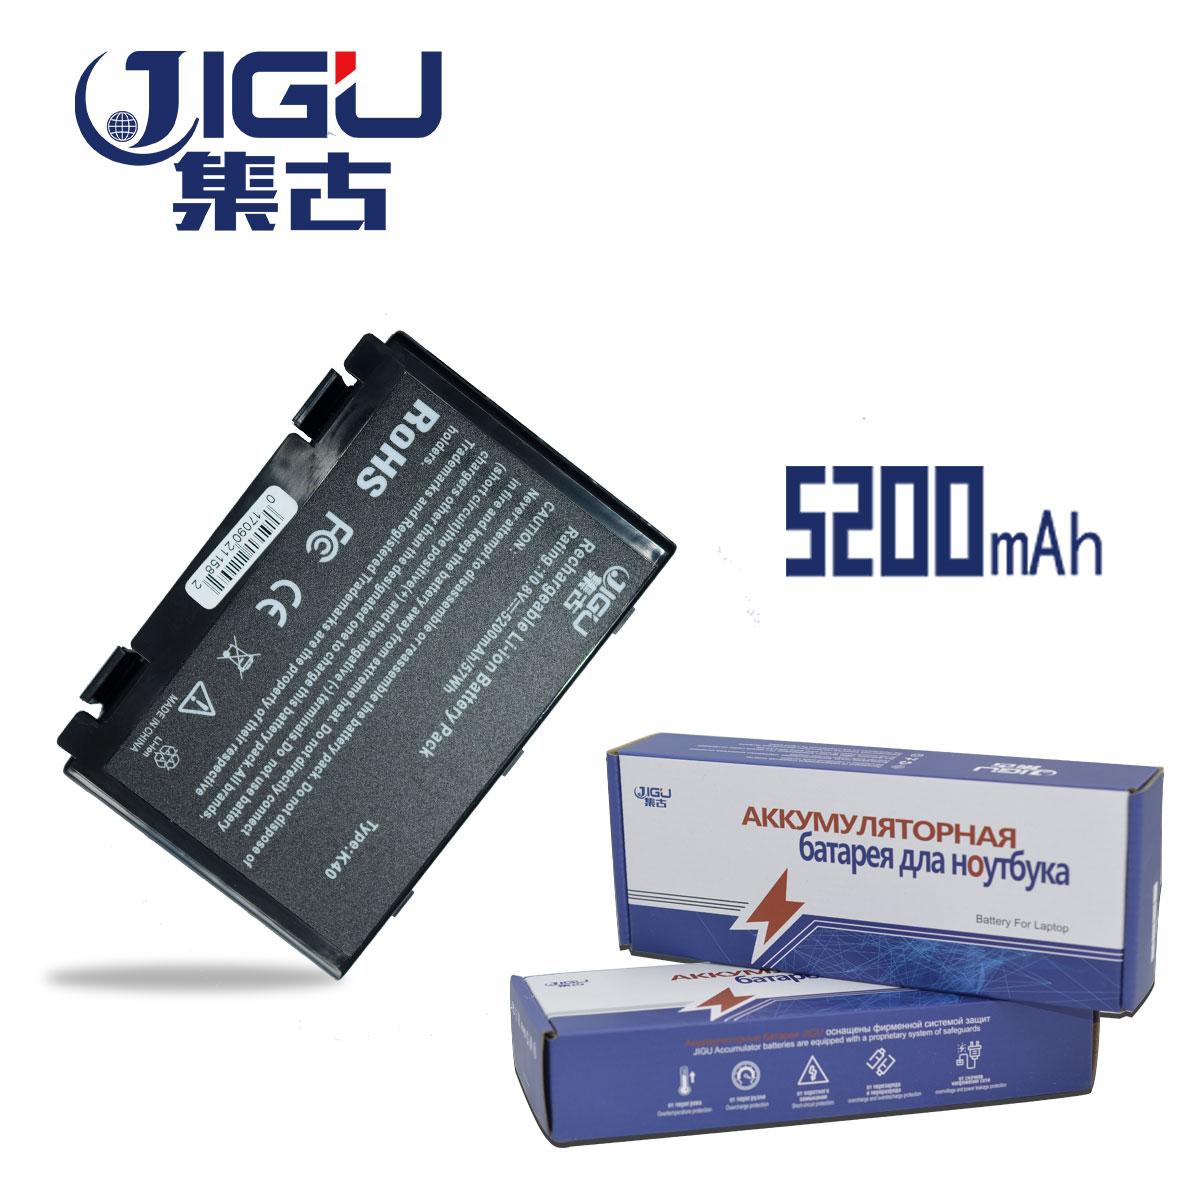 JIGU k50in 6 Cell Battery Pack for Asus K40 / F82 / A32 / F52 / K50 / K60 L0690L6 A32-F82 k40in k40af k50ij hsw 5200mah new 6cells k50in battery pack for asus k40 f82 a32 f52 k50 k60 l0690l6 a32 f82 k40in k40af k50ij bateria